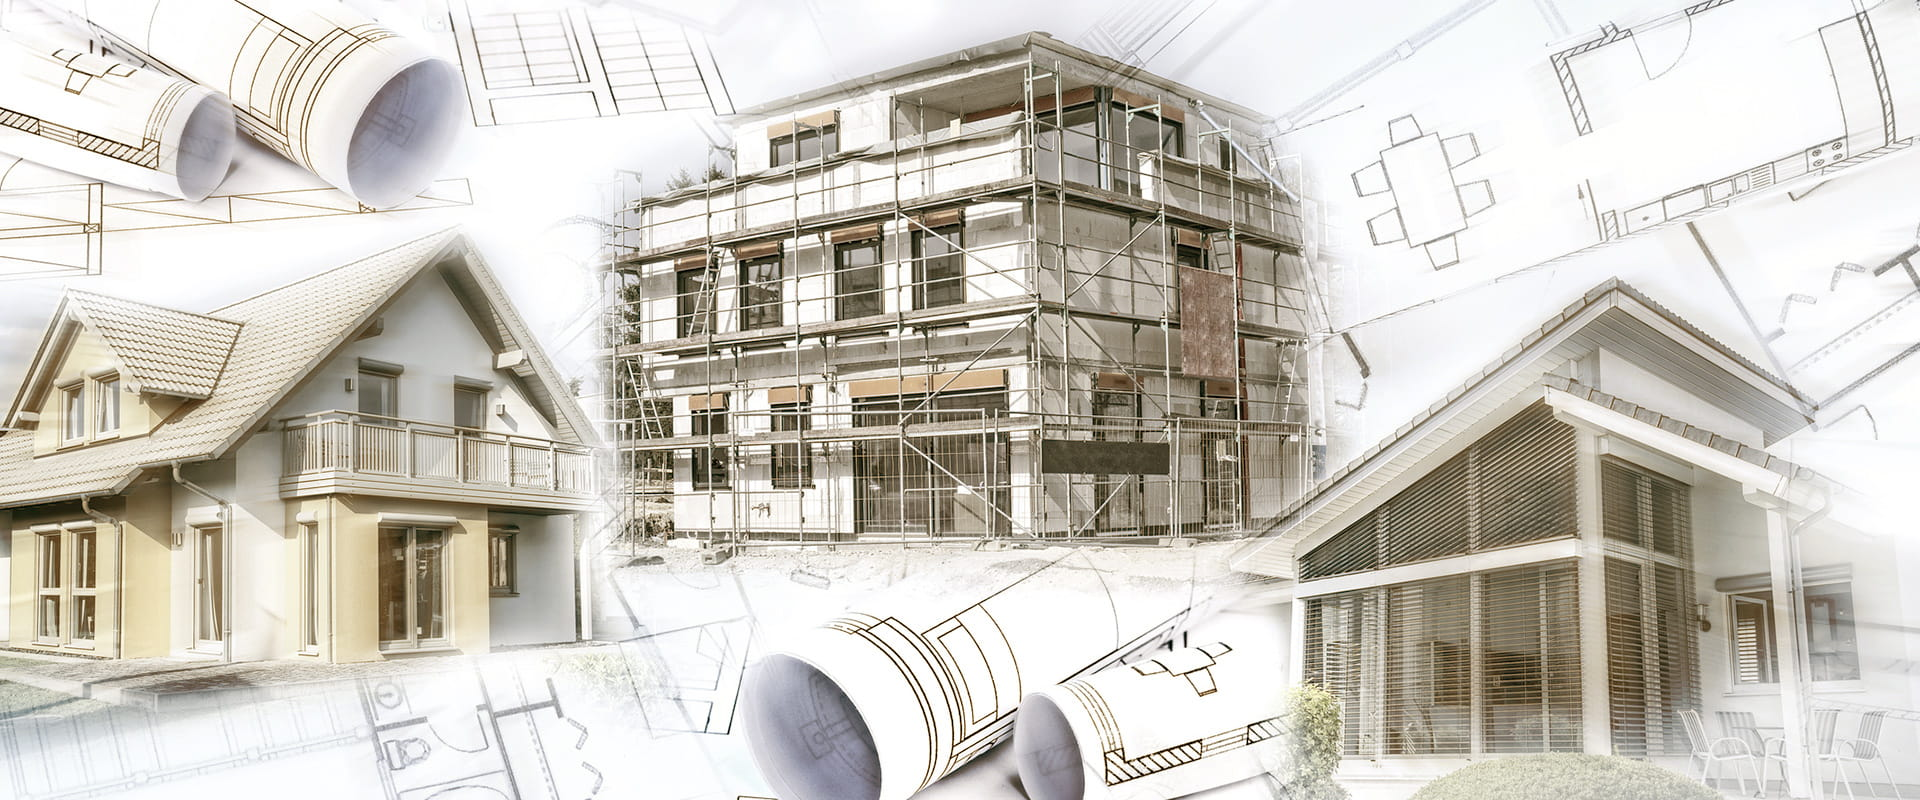 Gracus - Broker budowy domów - Technologia budowa domu